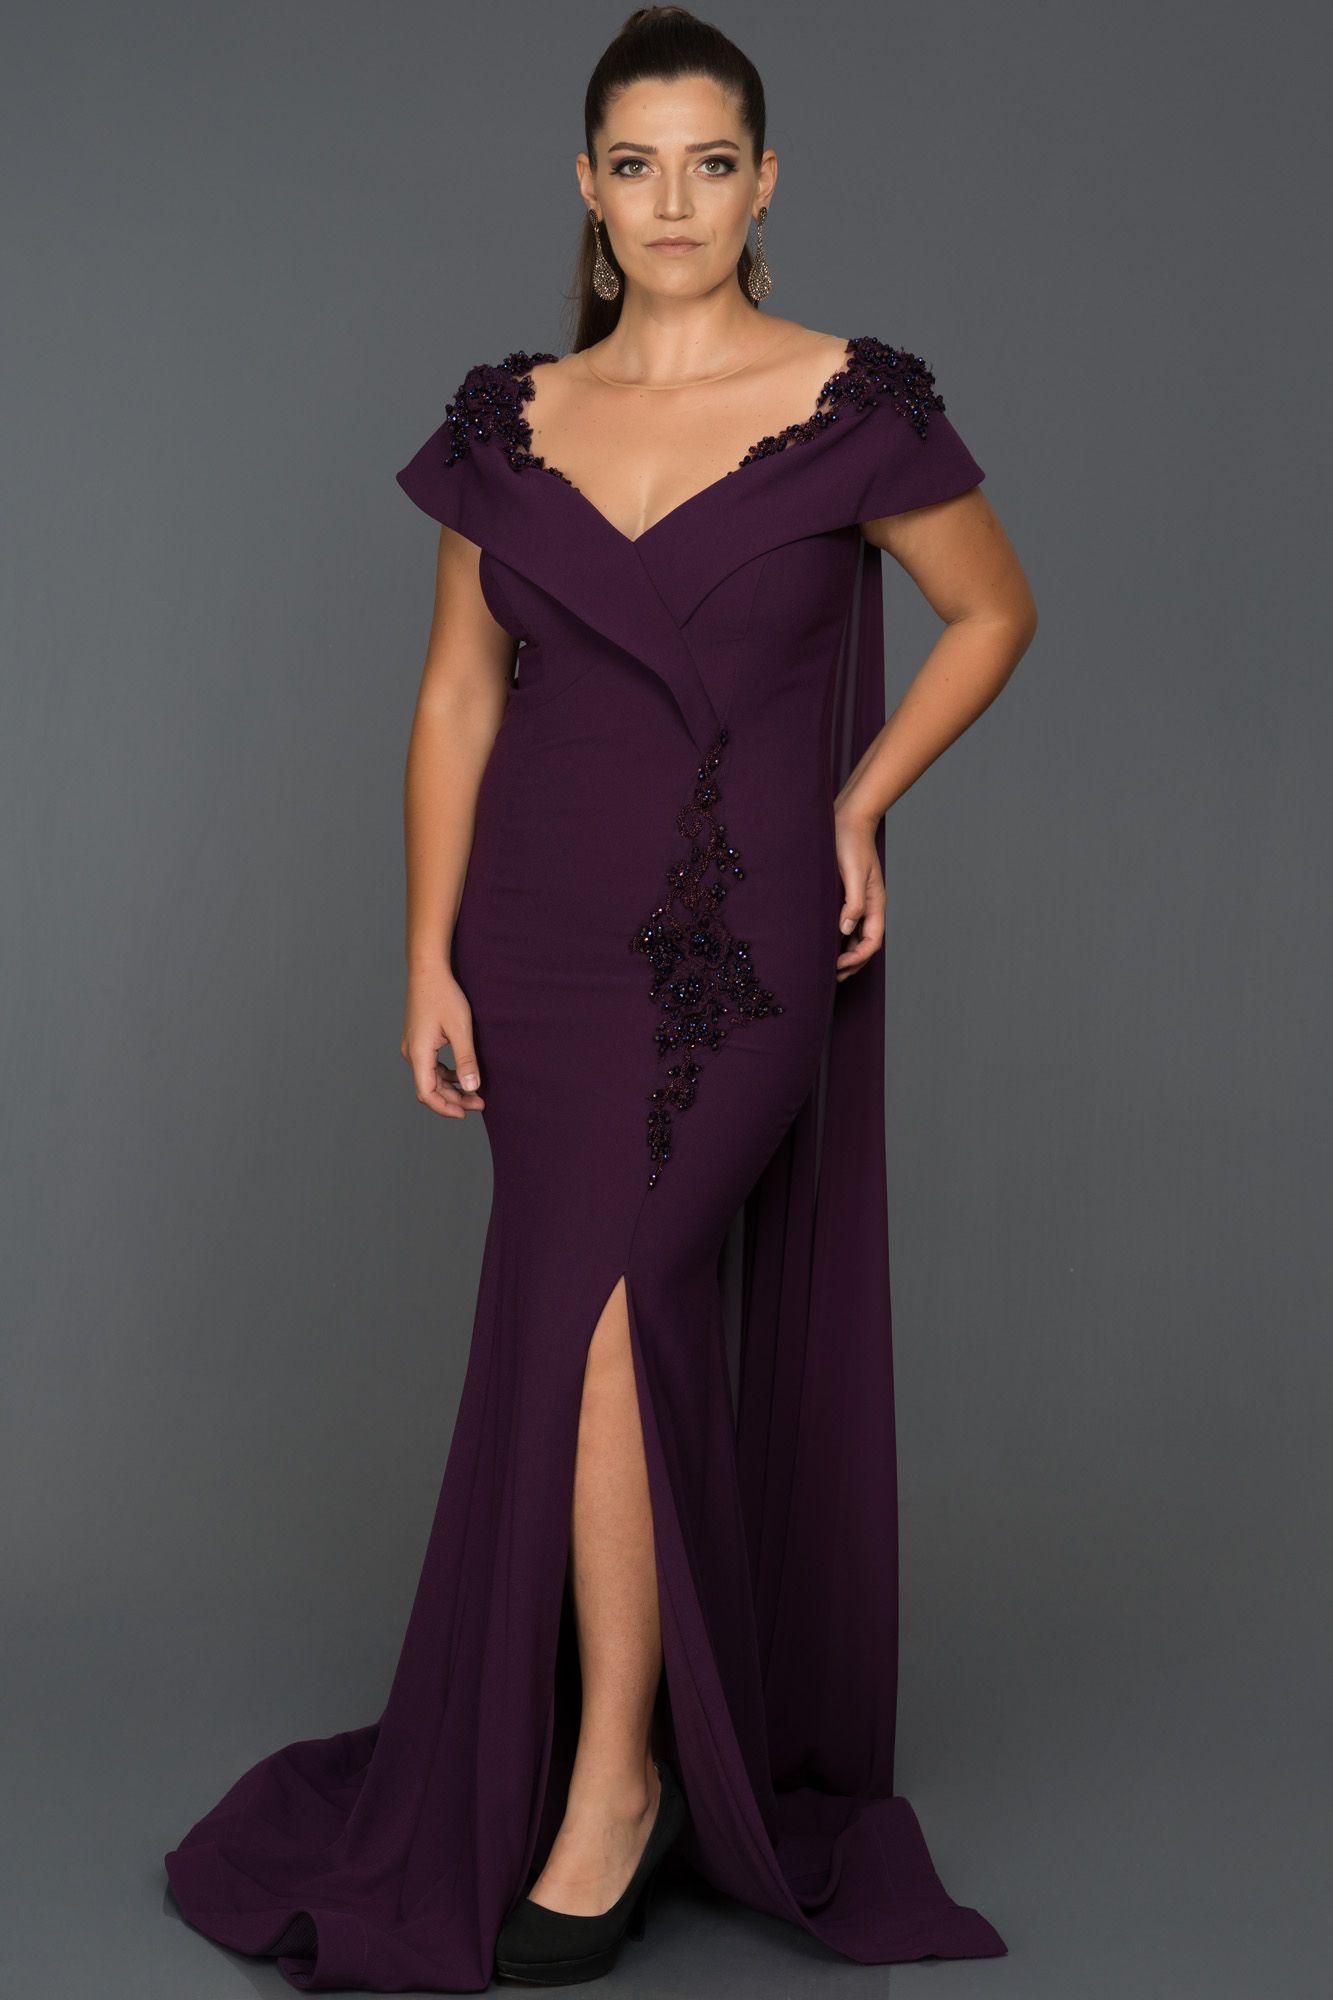 Murdum Yirtmacli Buyuk Beden Abiye Abu182 Elbise Modelleri The Dress Resmi Elbise